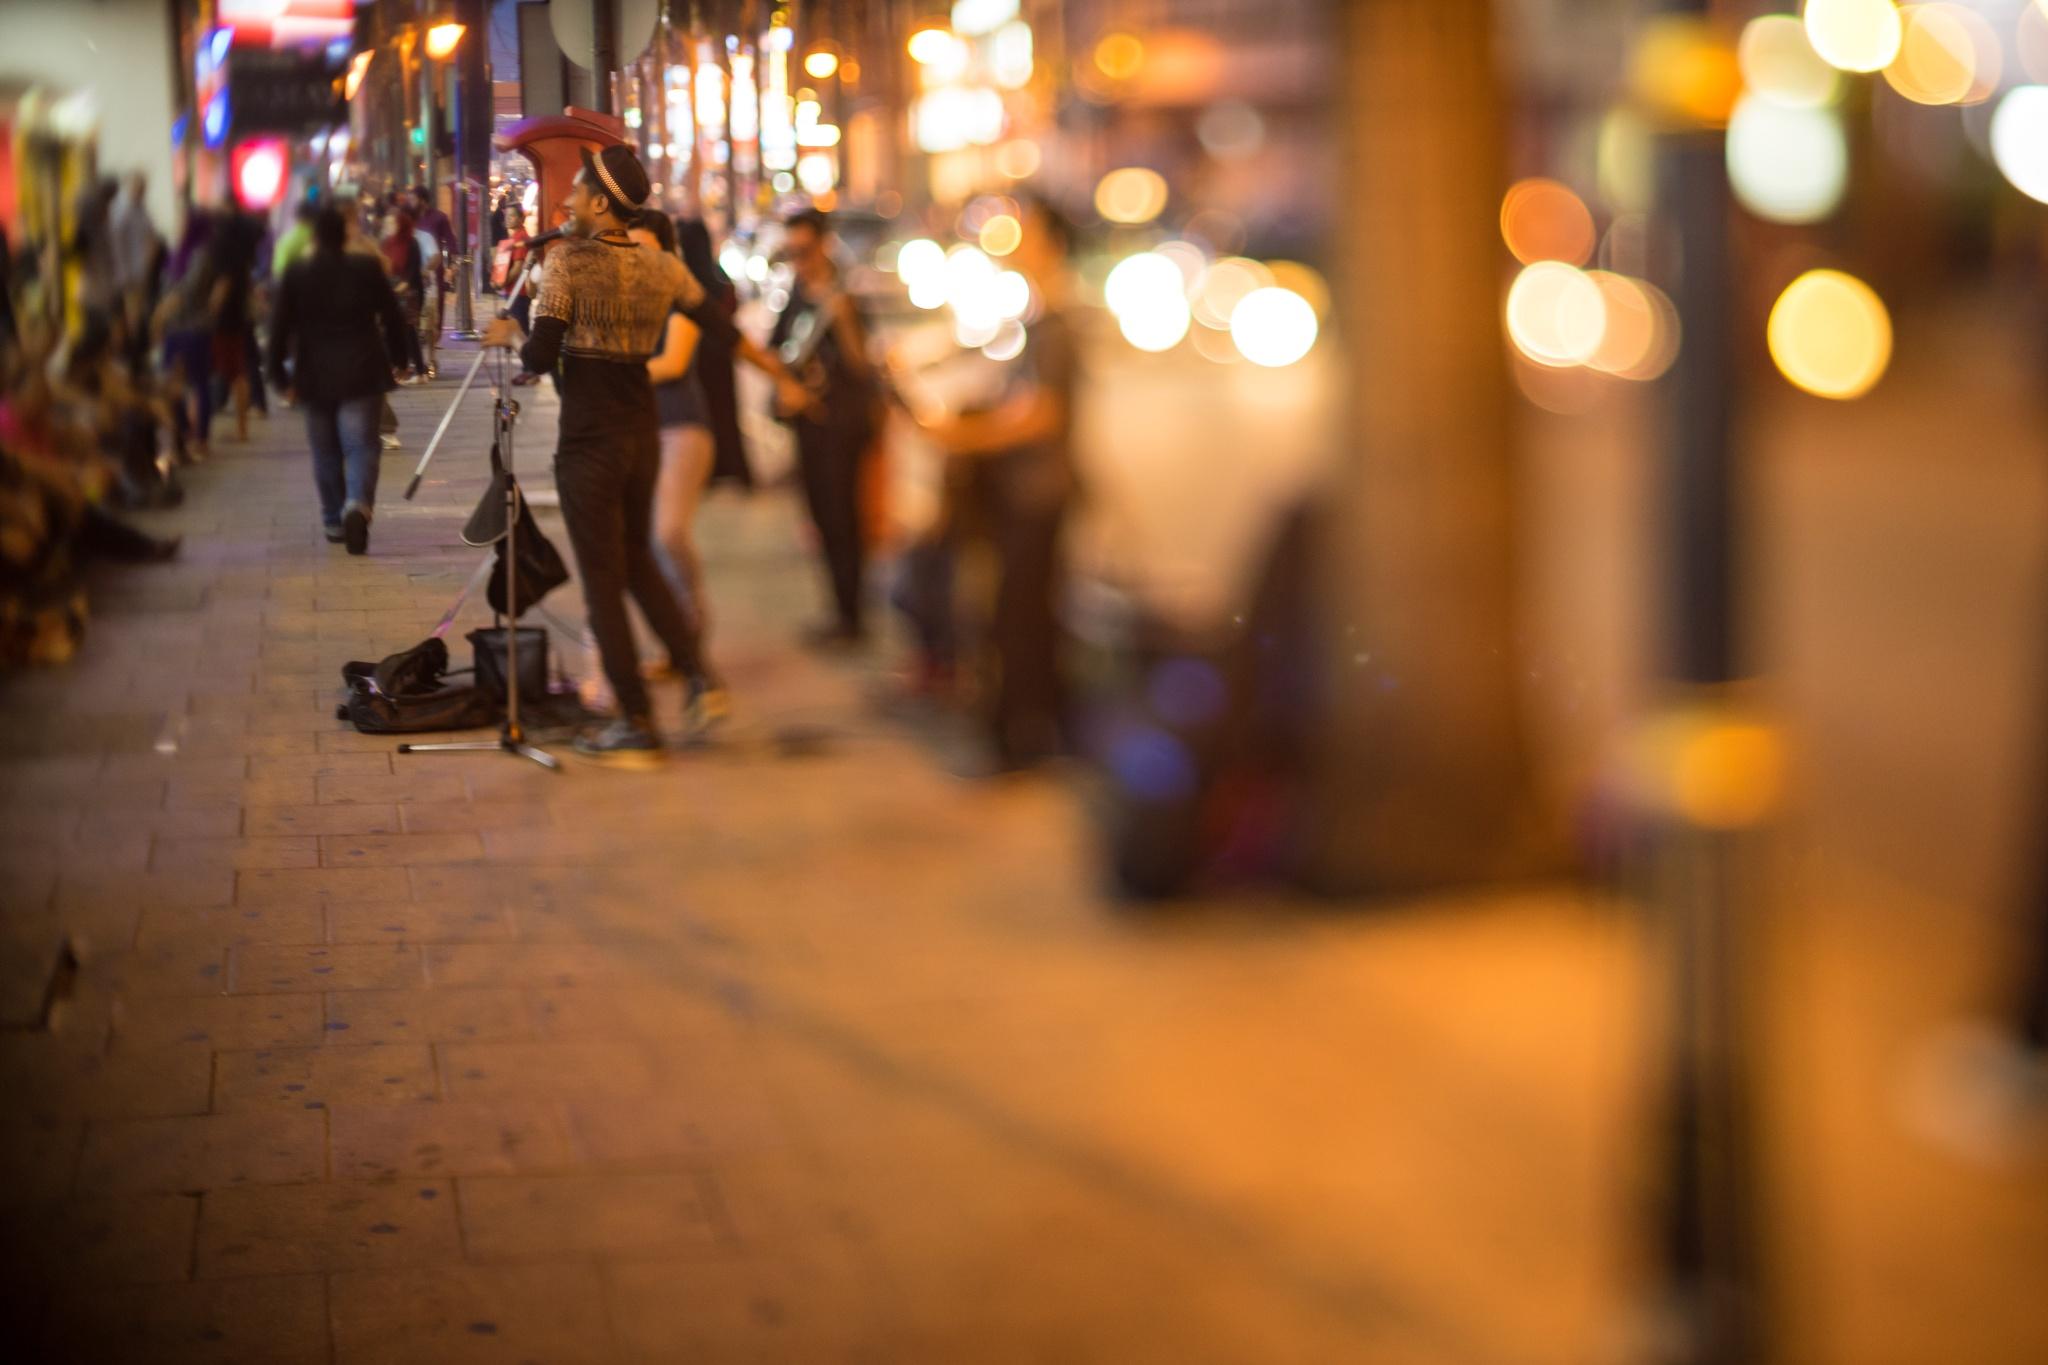 Street Performer + Street Bokeh by Md Aziman